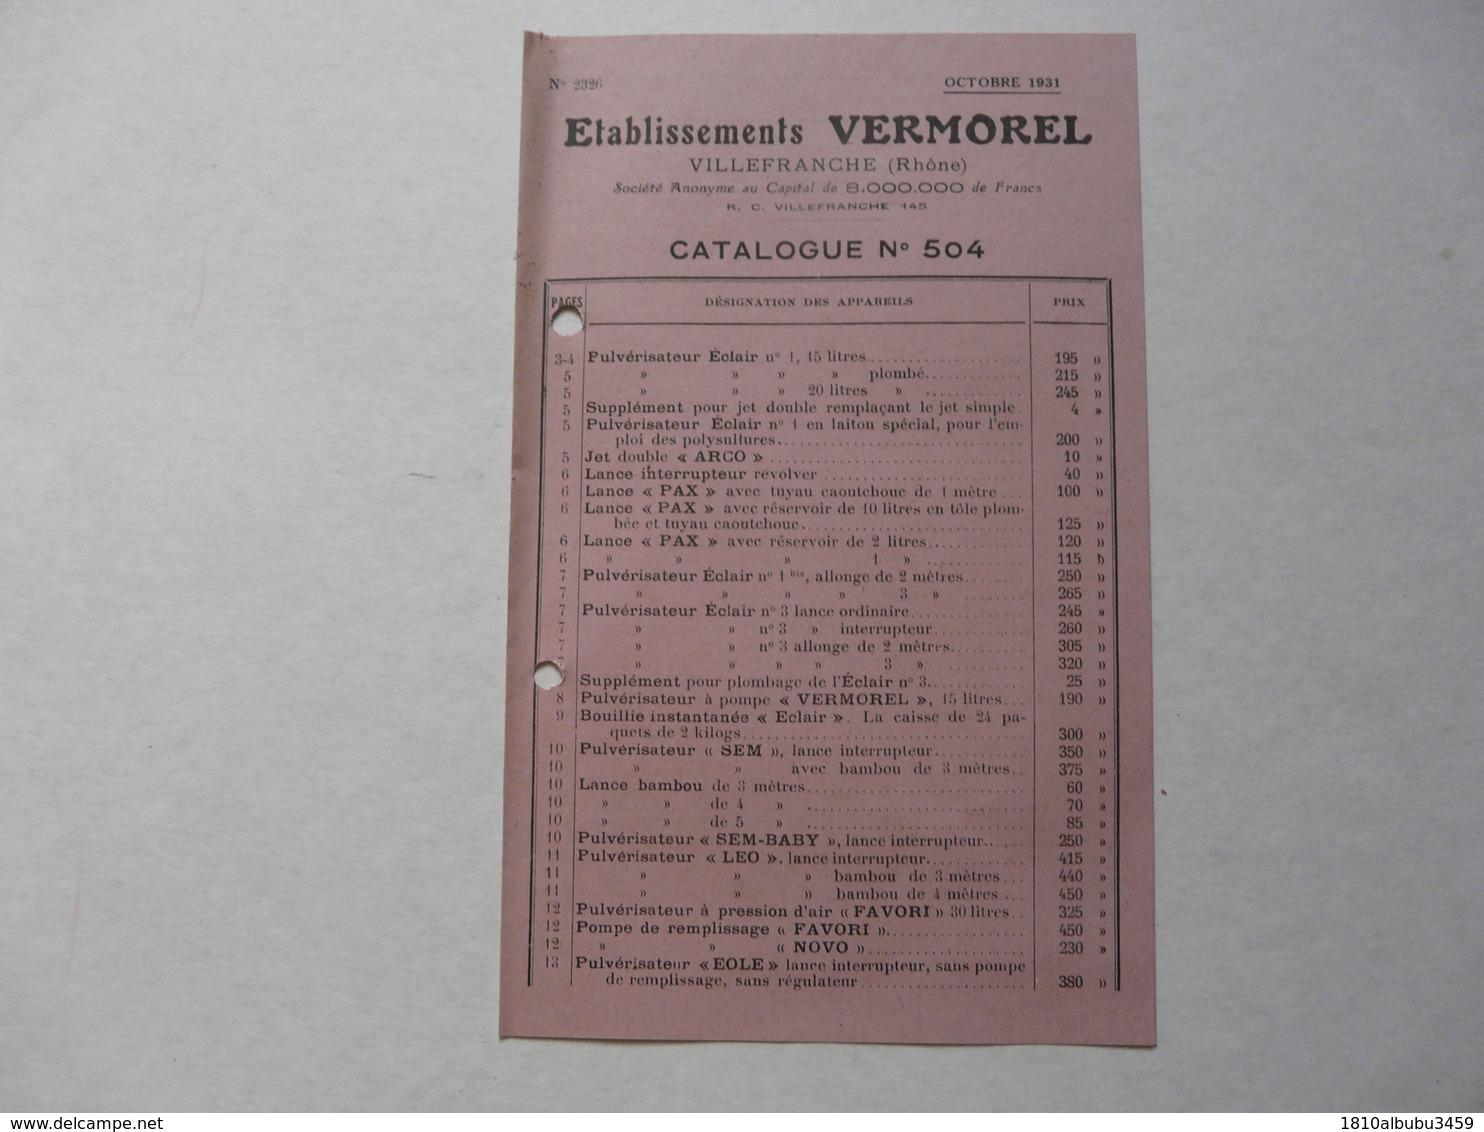 VIEUX .PAPIERS - PUBLICITE  : VERMOREL - Villefranche Sur Saône - Catalogue N°504 - Reclame